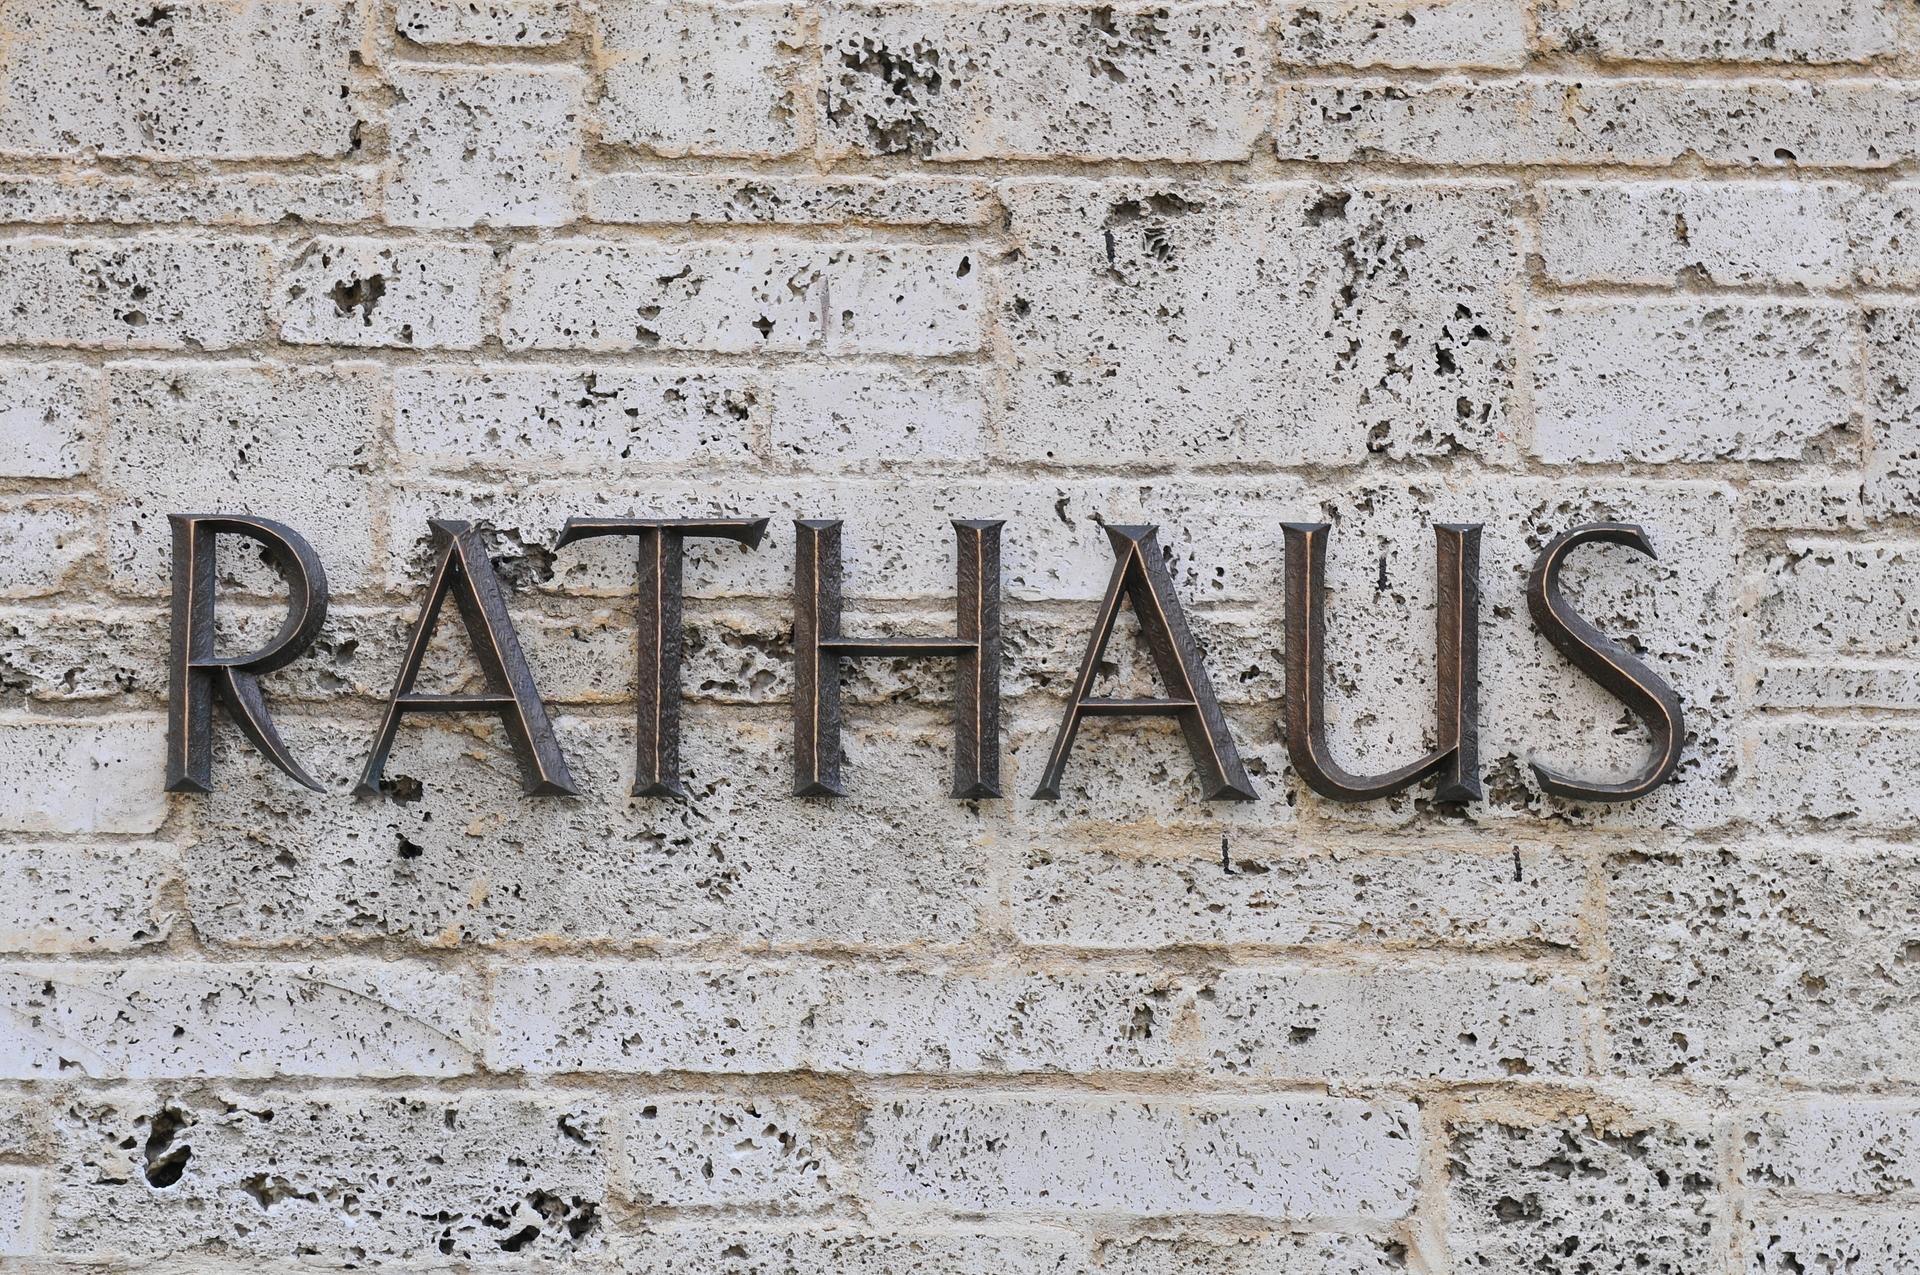 An einer Wand aus Stein sind große kupferfarbene Buchstaben mit dem Wort Rathaus.